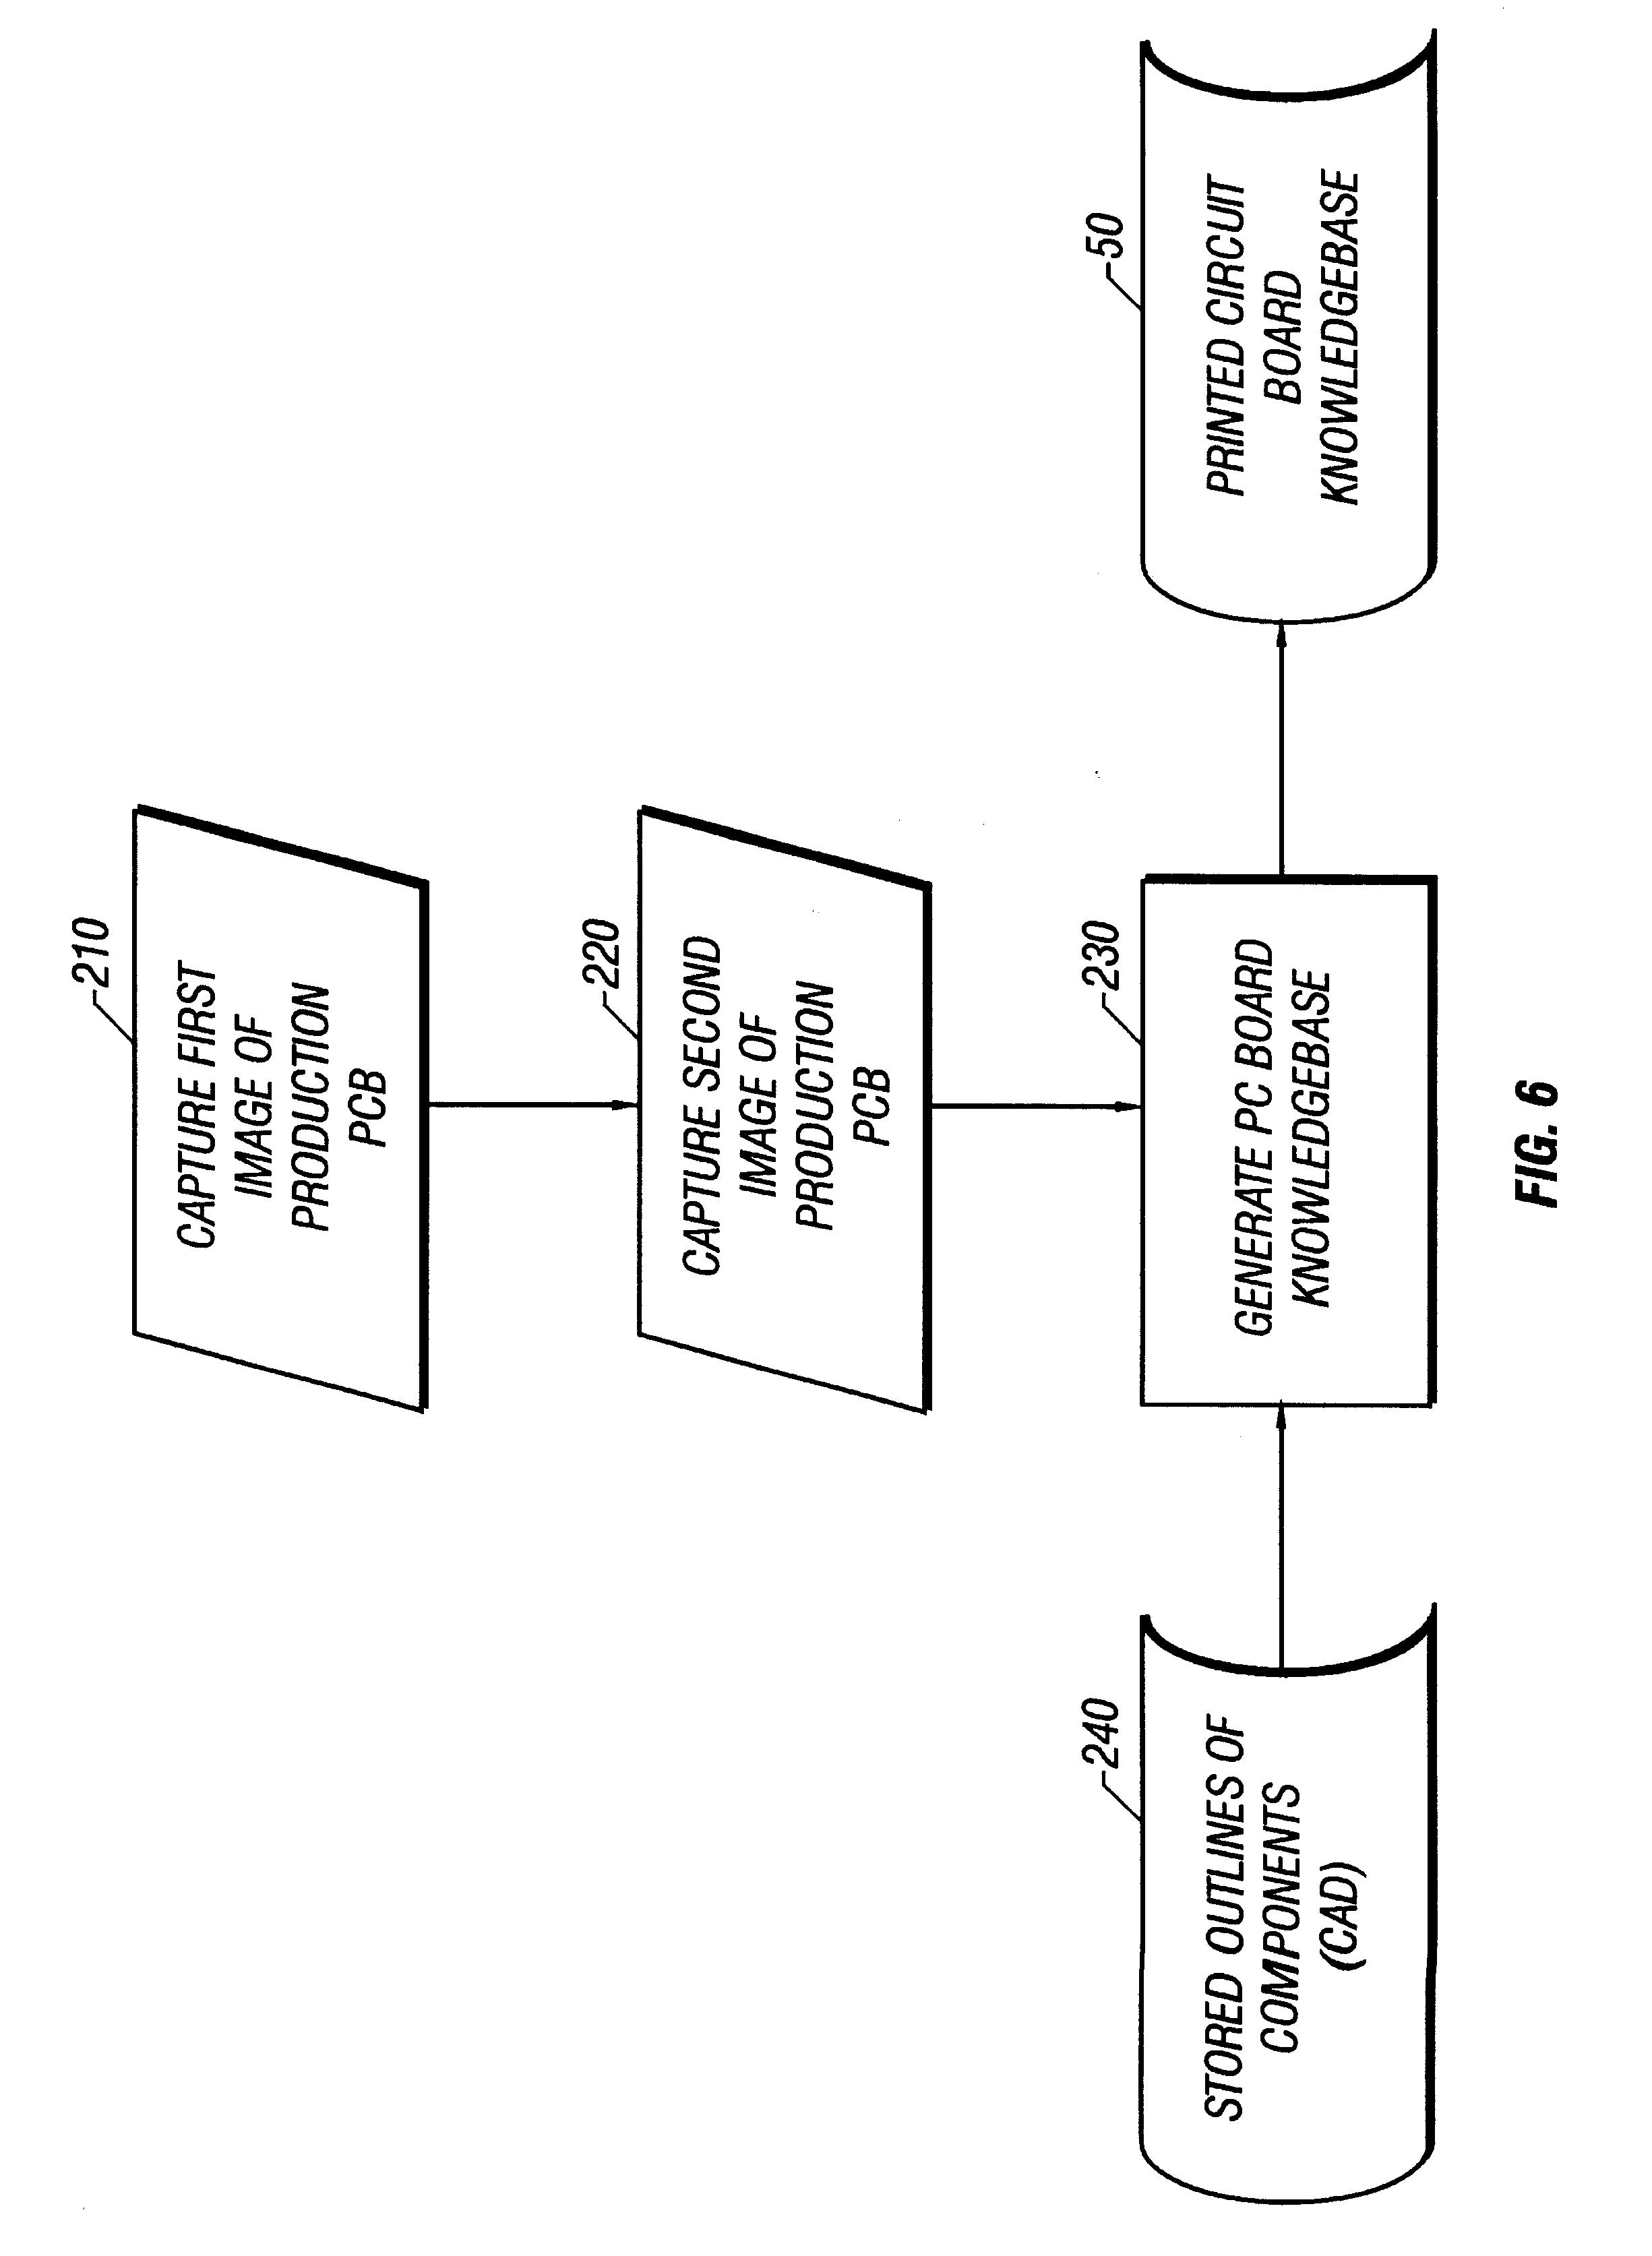 patent us6246788